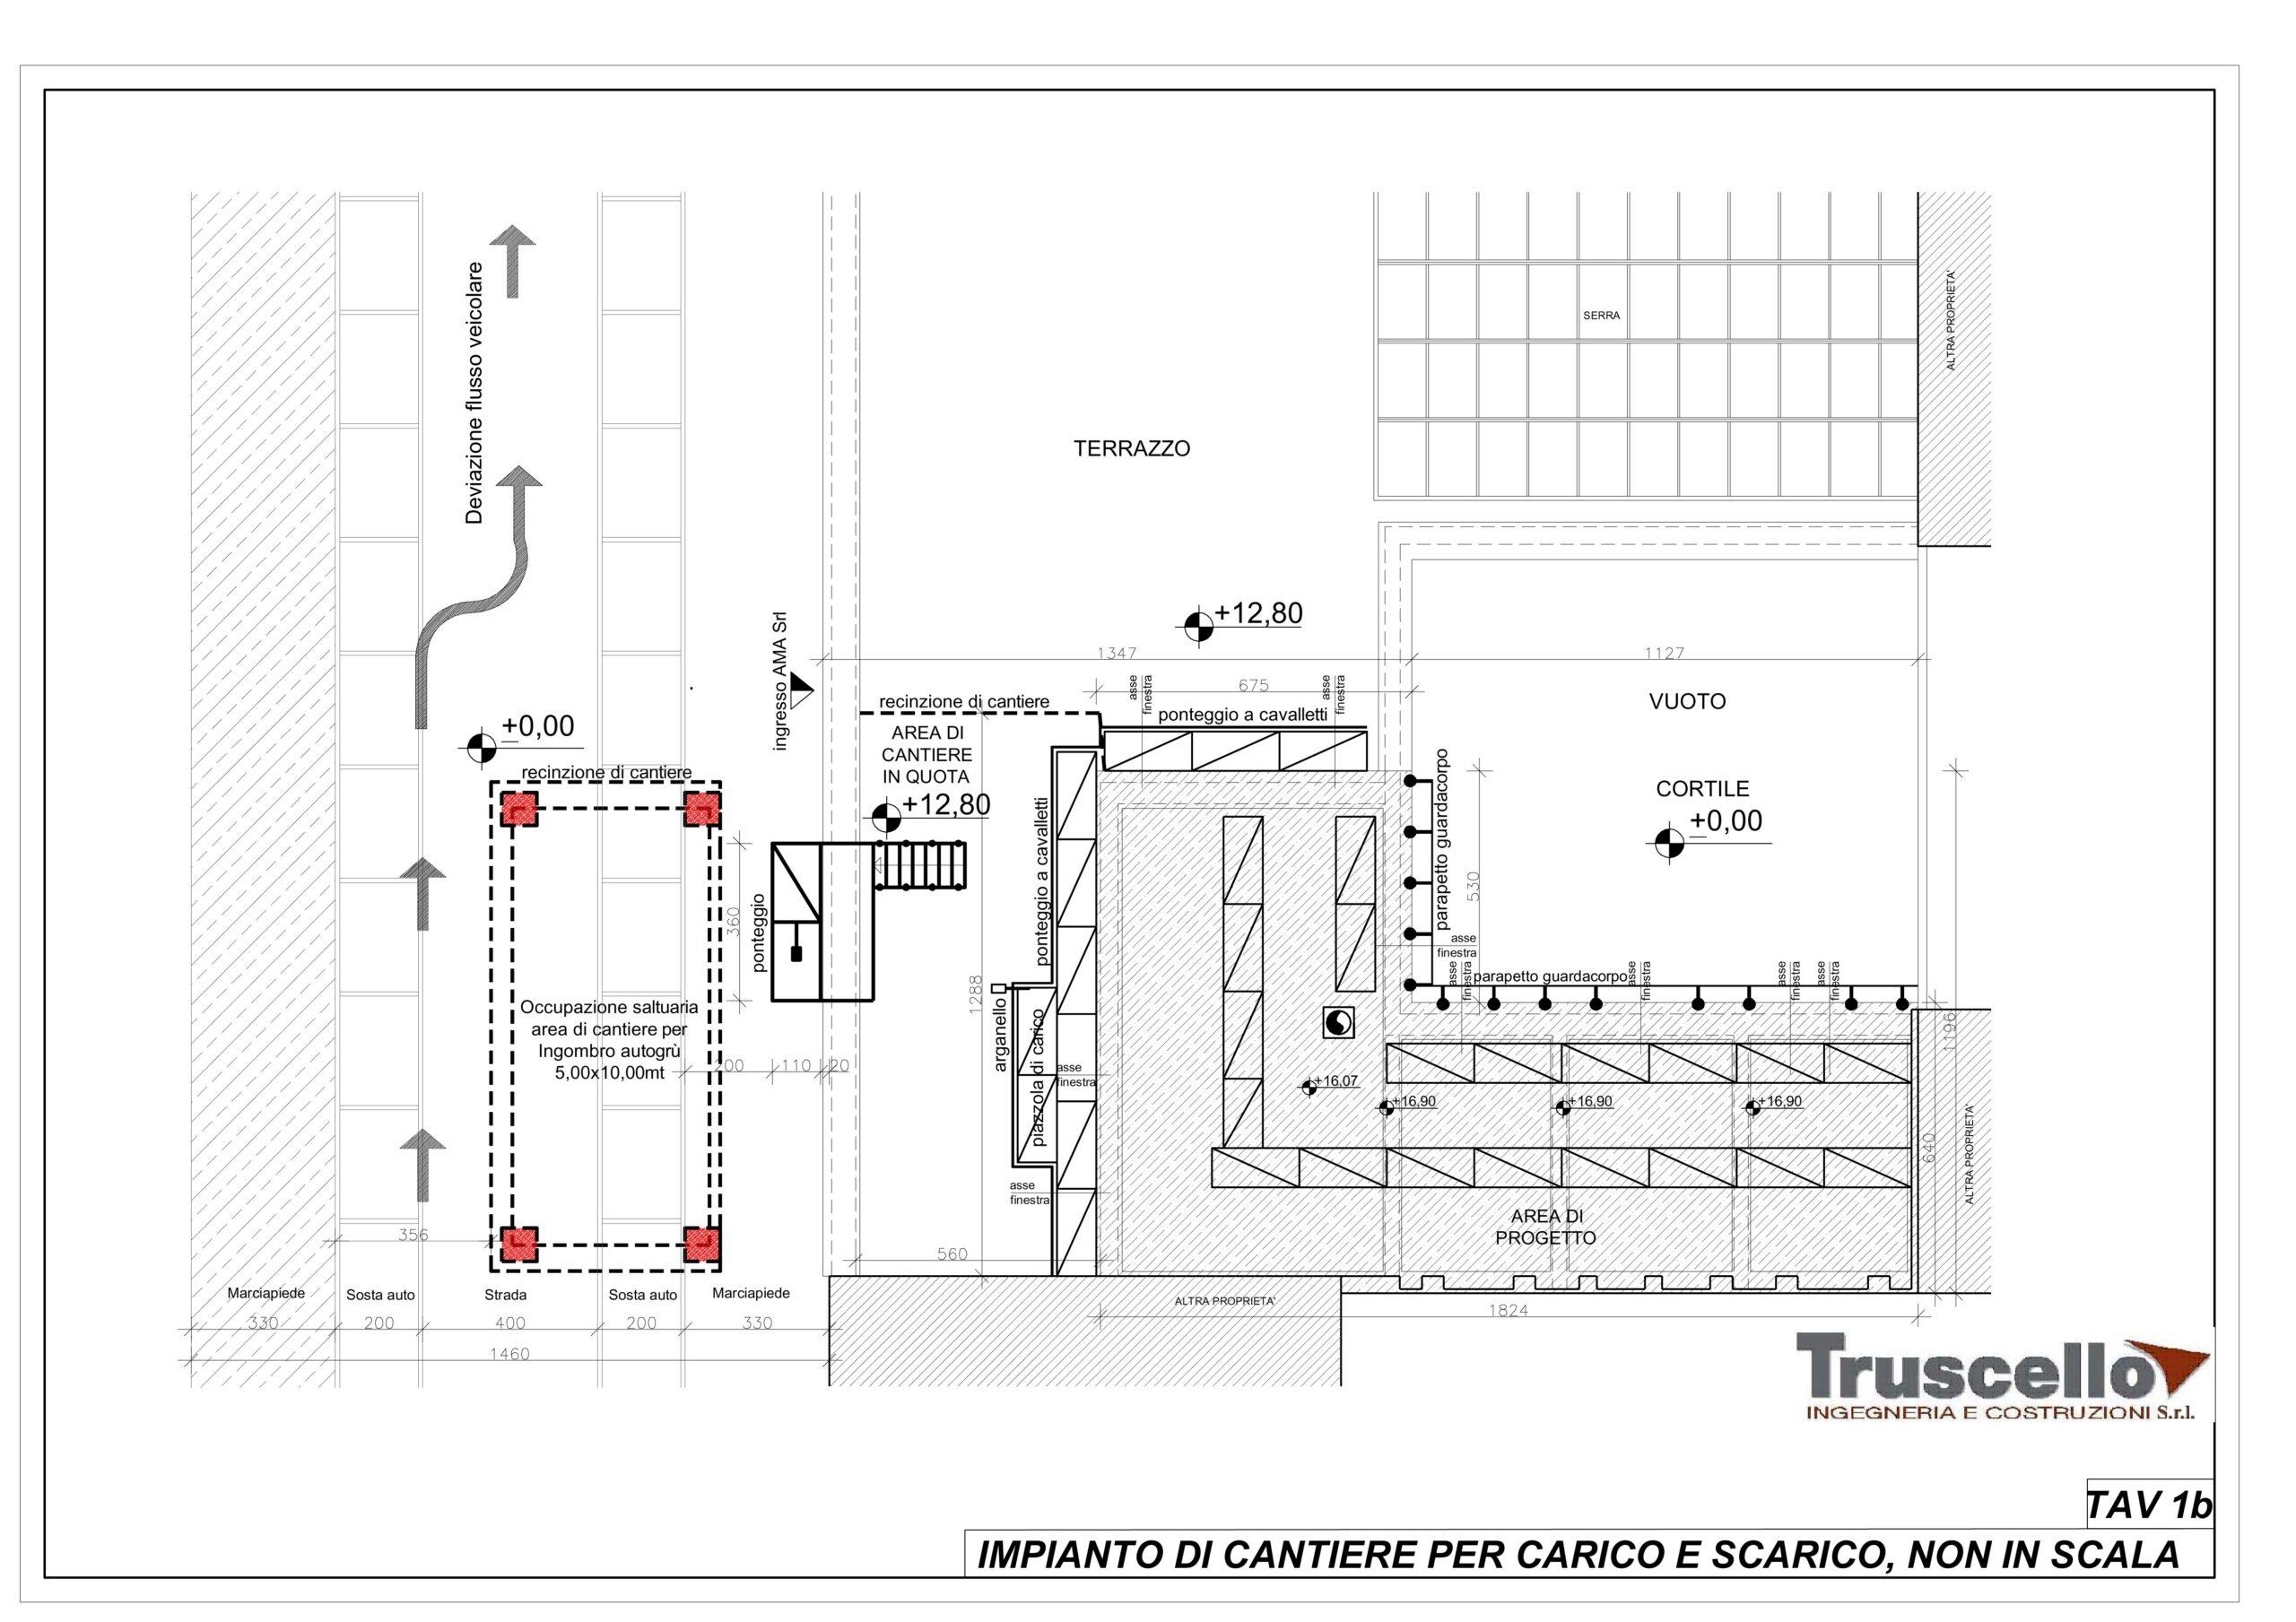 4. Elaborato grafico esecutivo di pianta layout di cantiere per carico e scarico: stato di progetto.